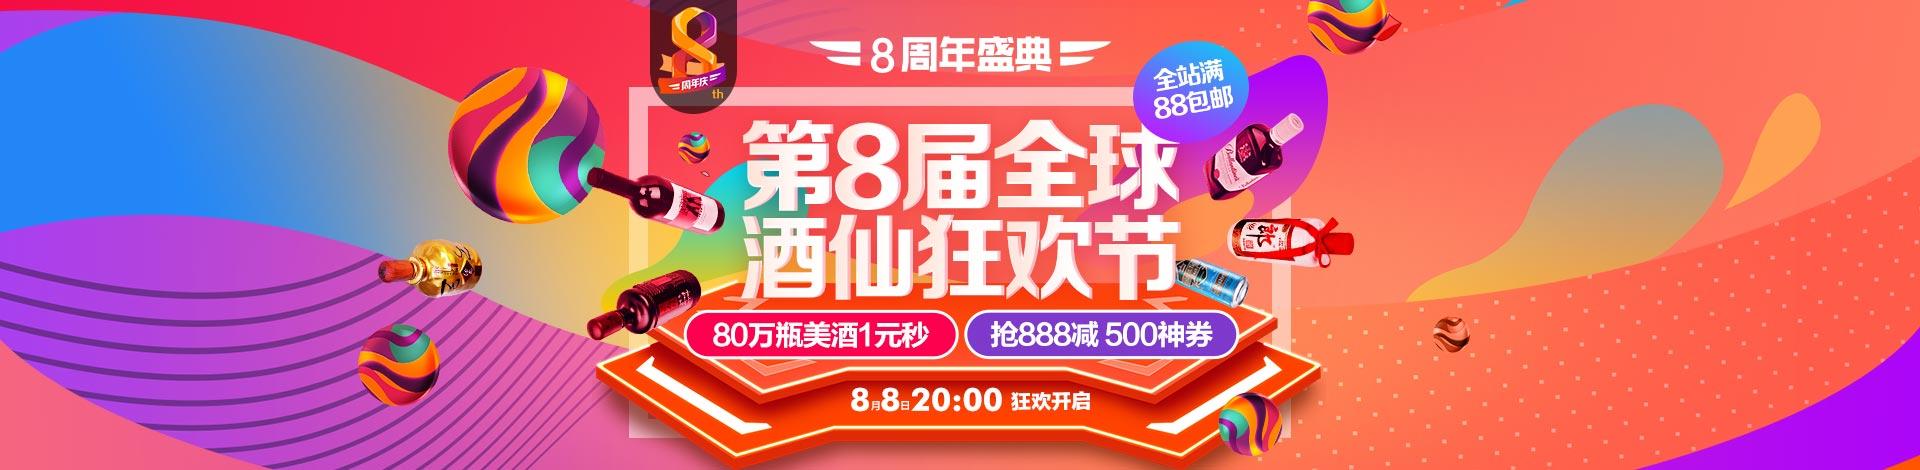 酒仙网 8周年庆